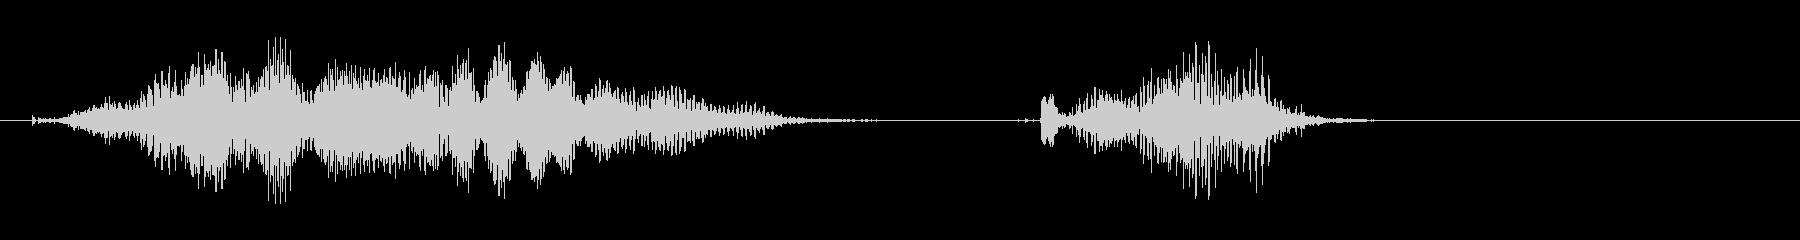 14日(effect)の未再生の波形